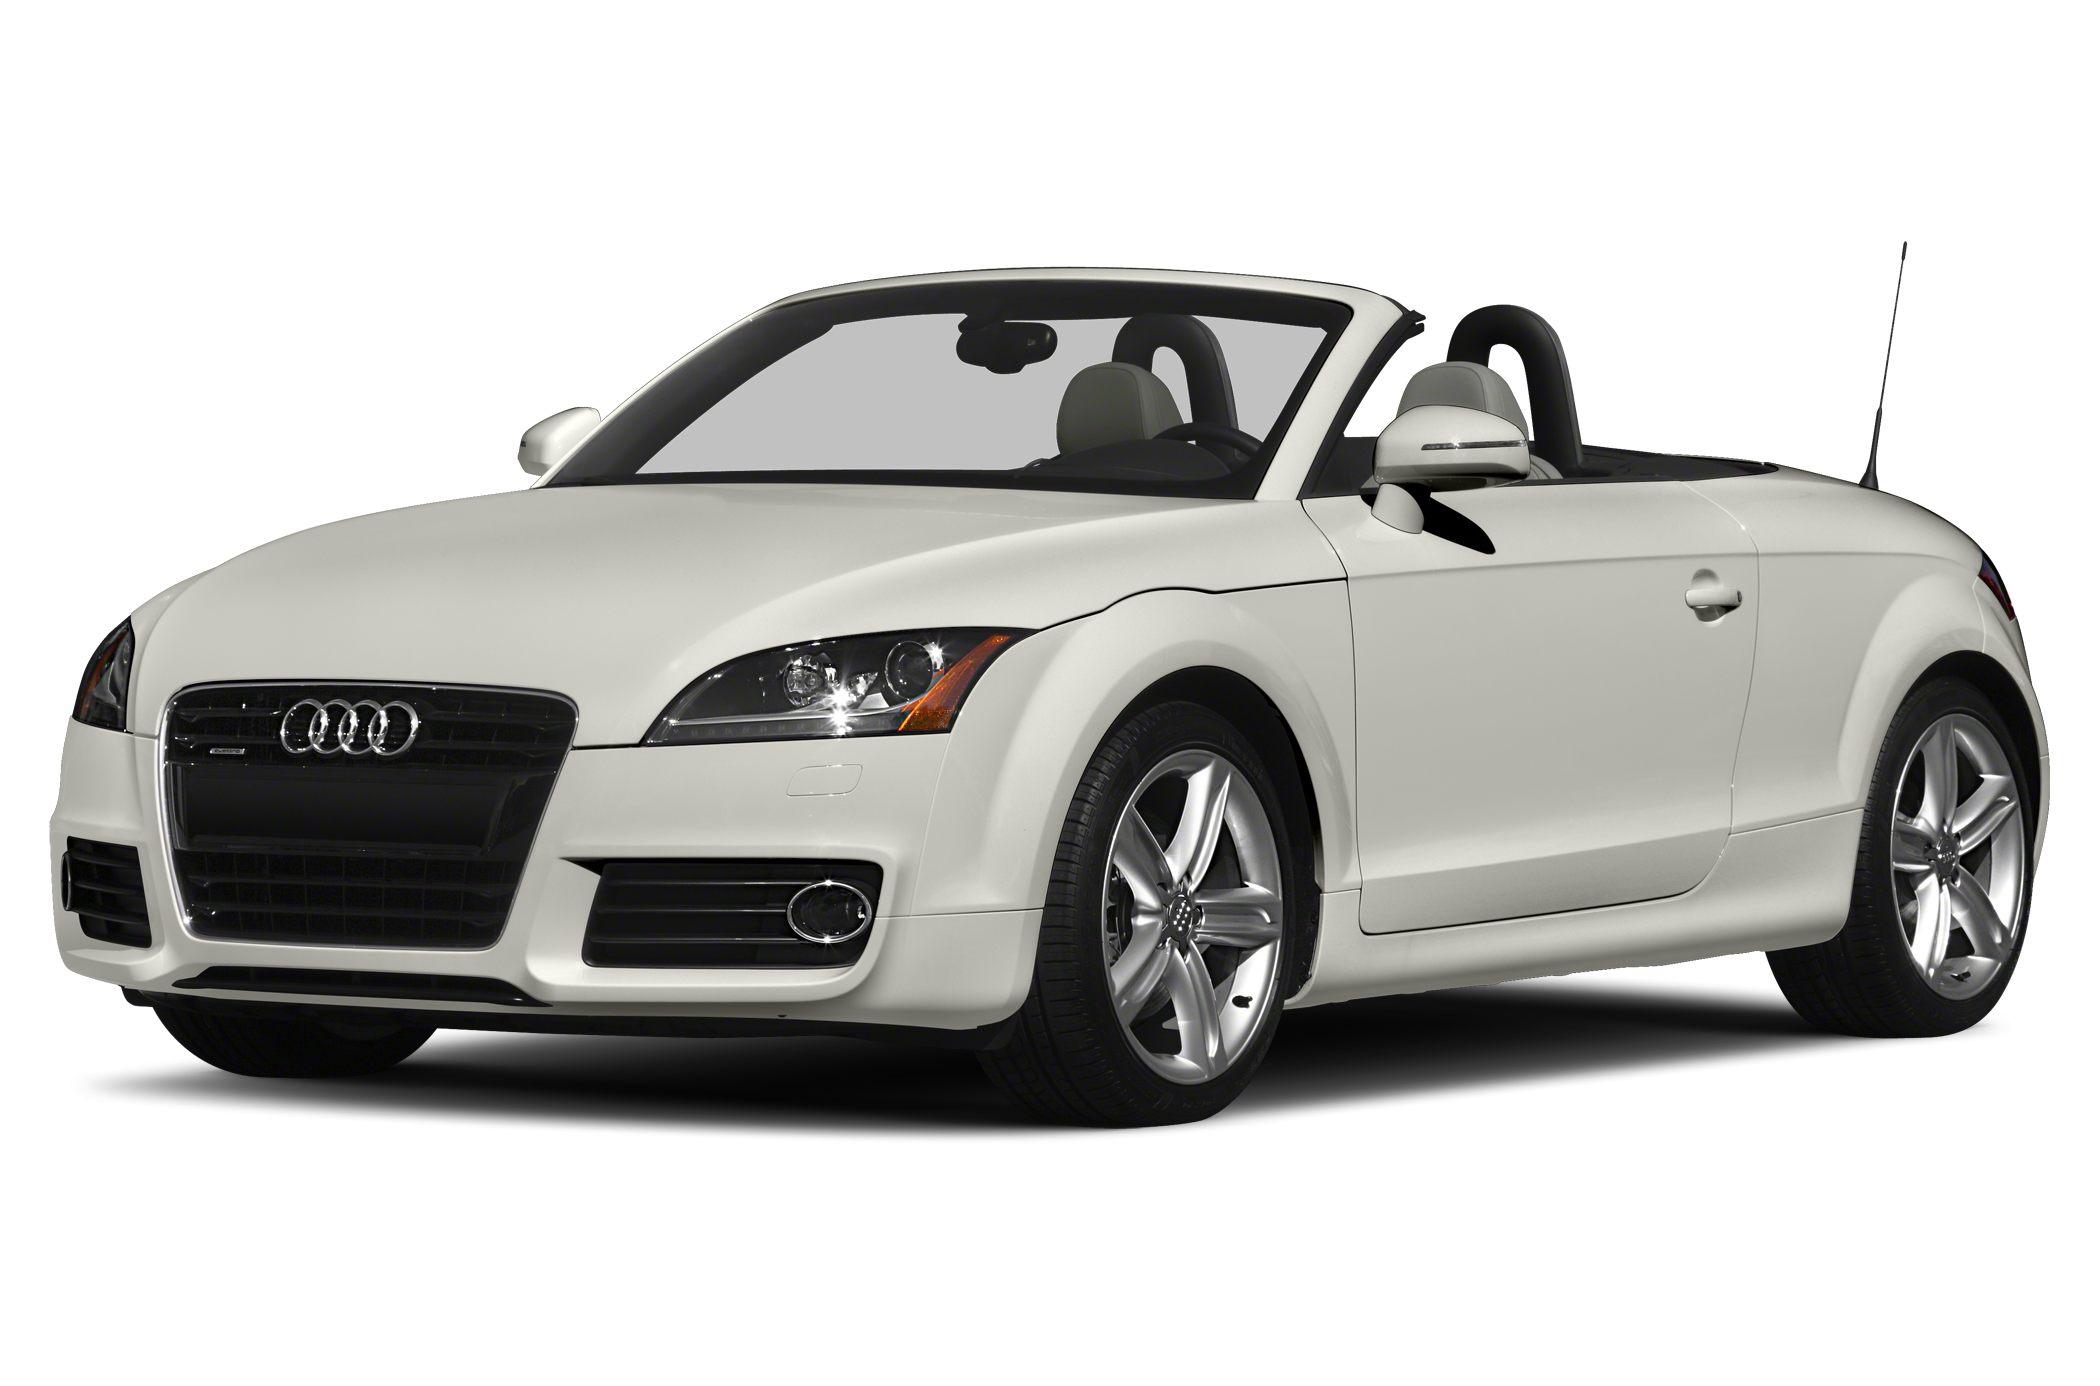 Audi Sends Off Second Gen Tt With A Few Enhancements